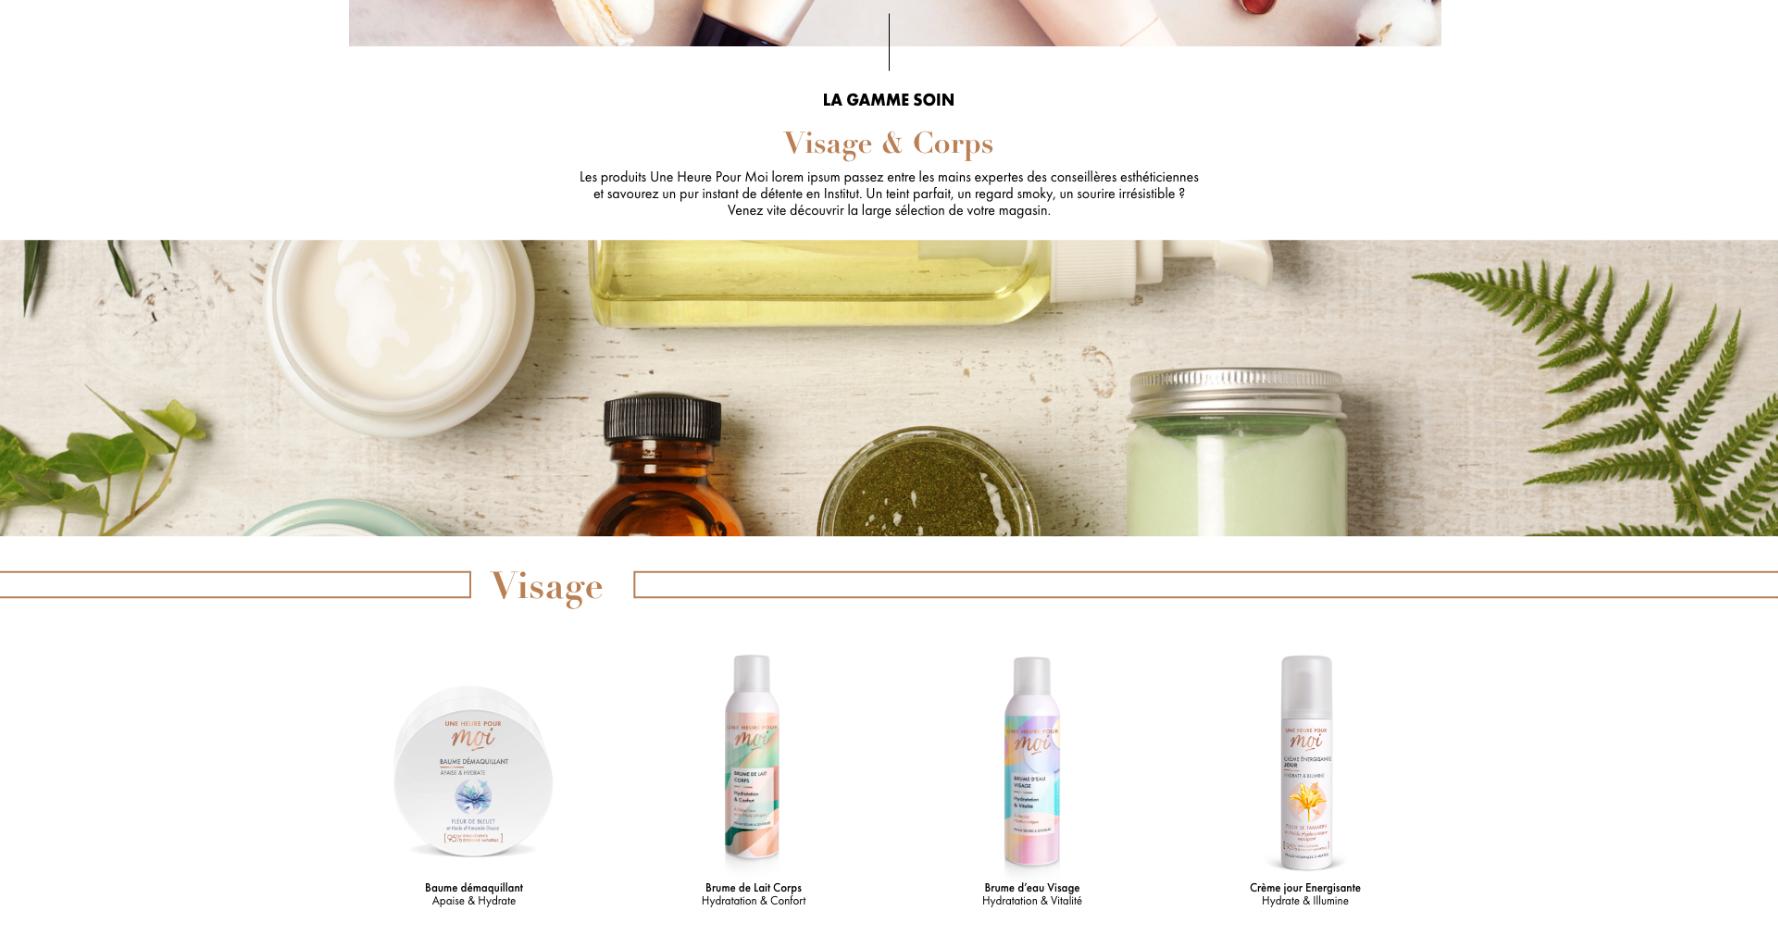 Capture d'écran de la page d'accueil du site Une Heure Pour Soi